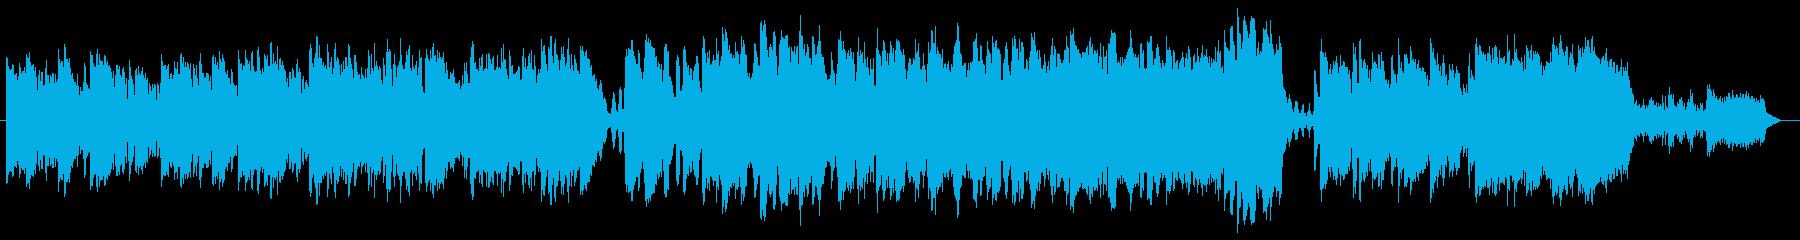 ゆったりした曲調のワルツの再生済みの波形